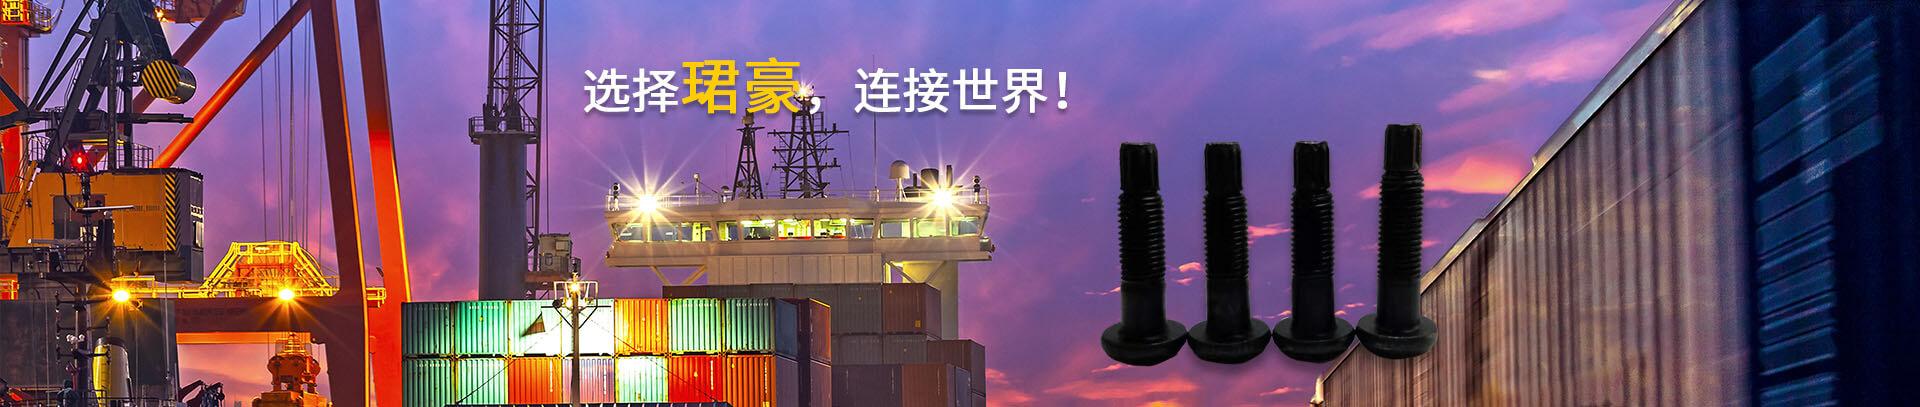 宁波珺豪紧固件有限公司